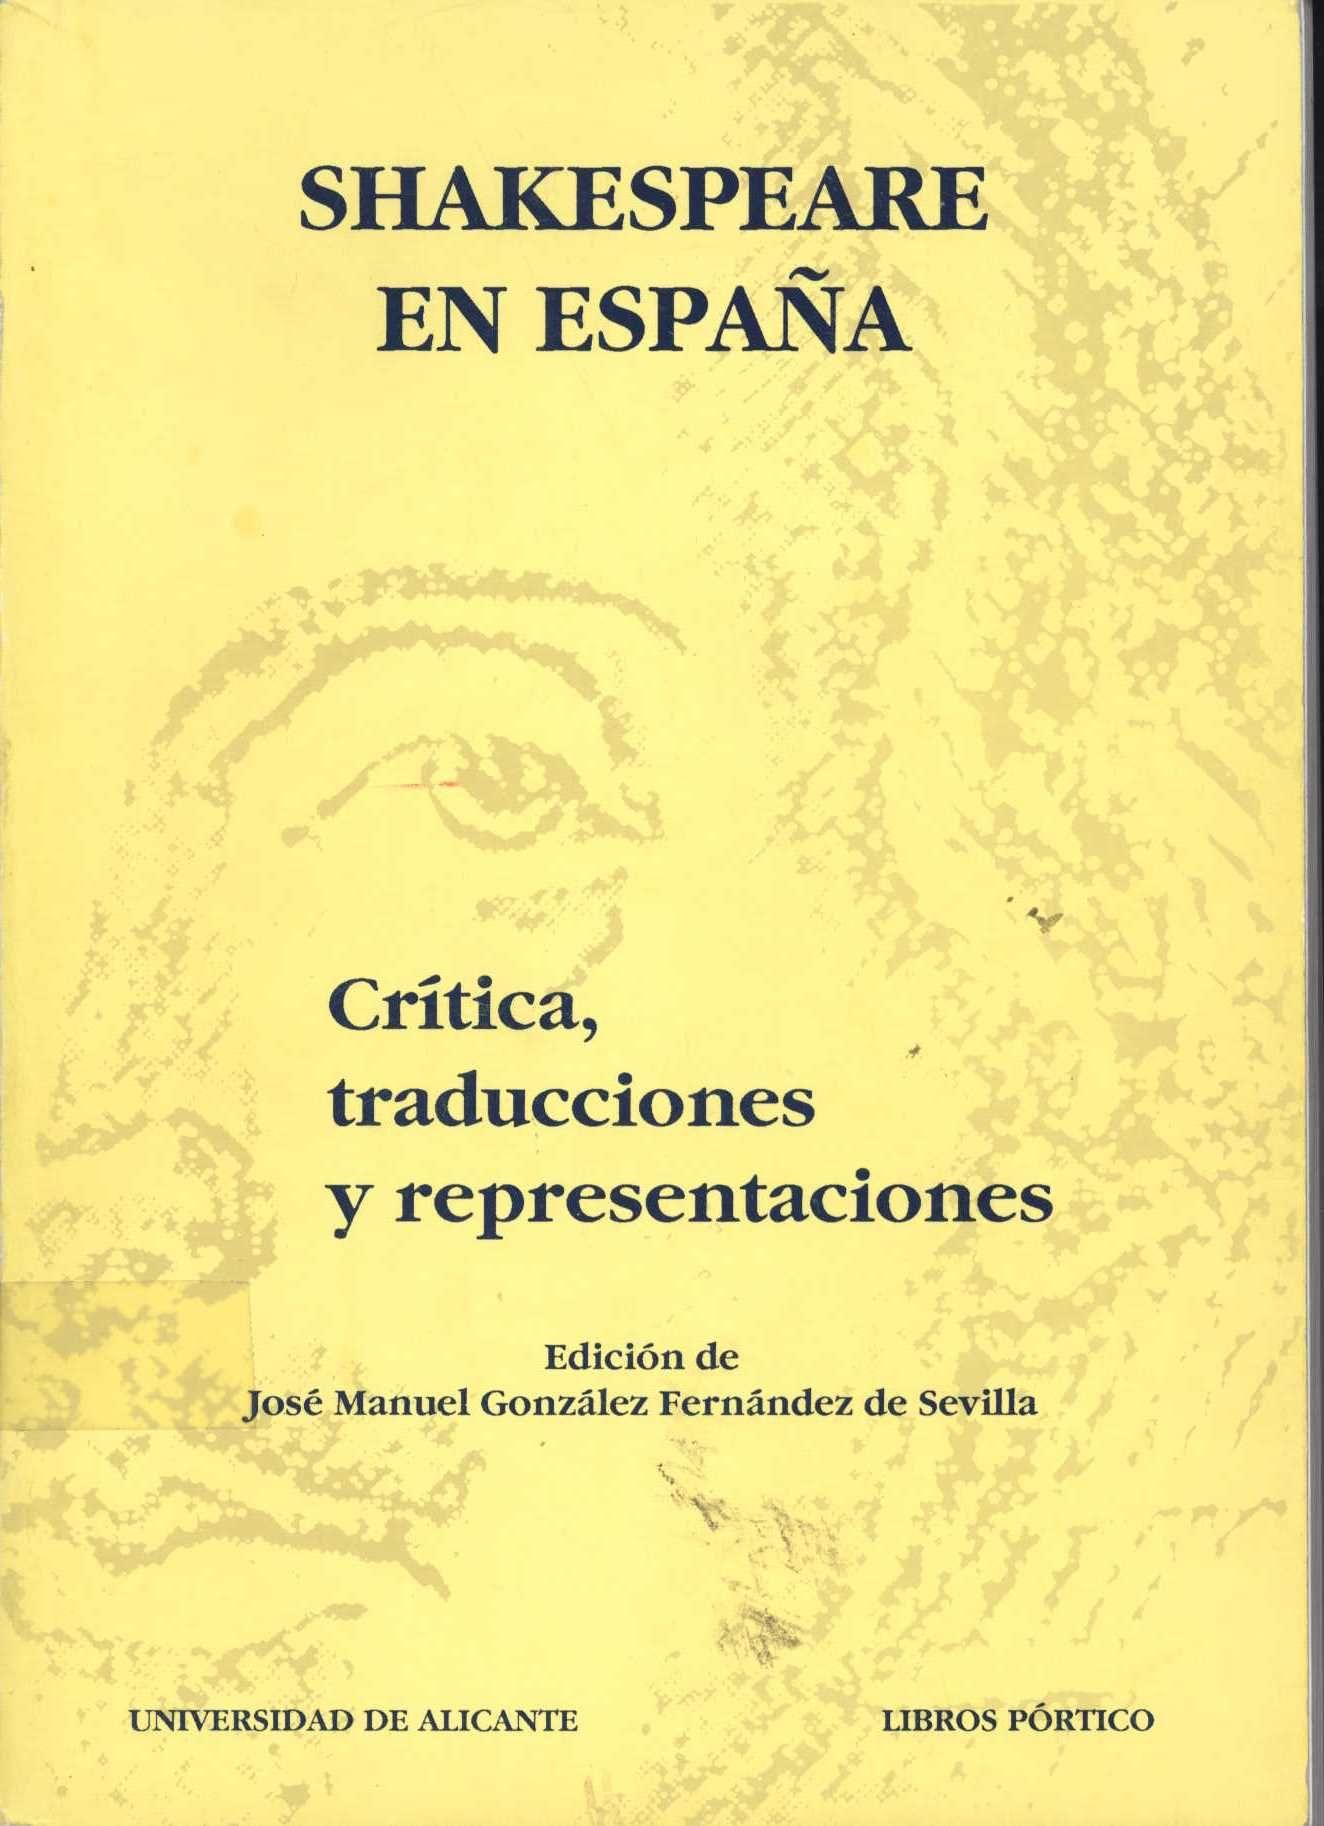 Shakespeare en España : crítica, traducciones y representaciones / edición de José Manuel González Fernández de Sevilla.